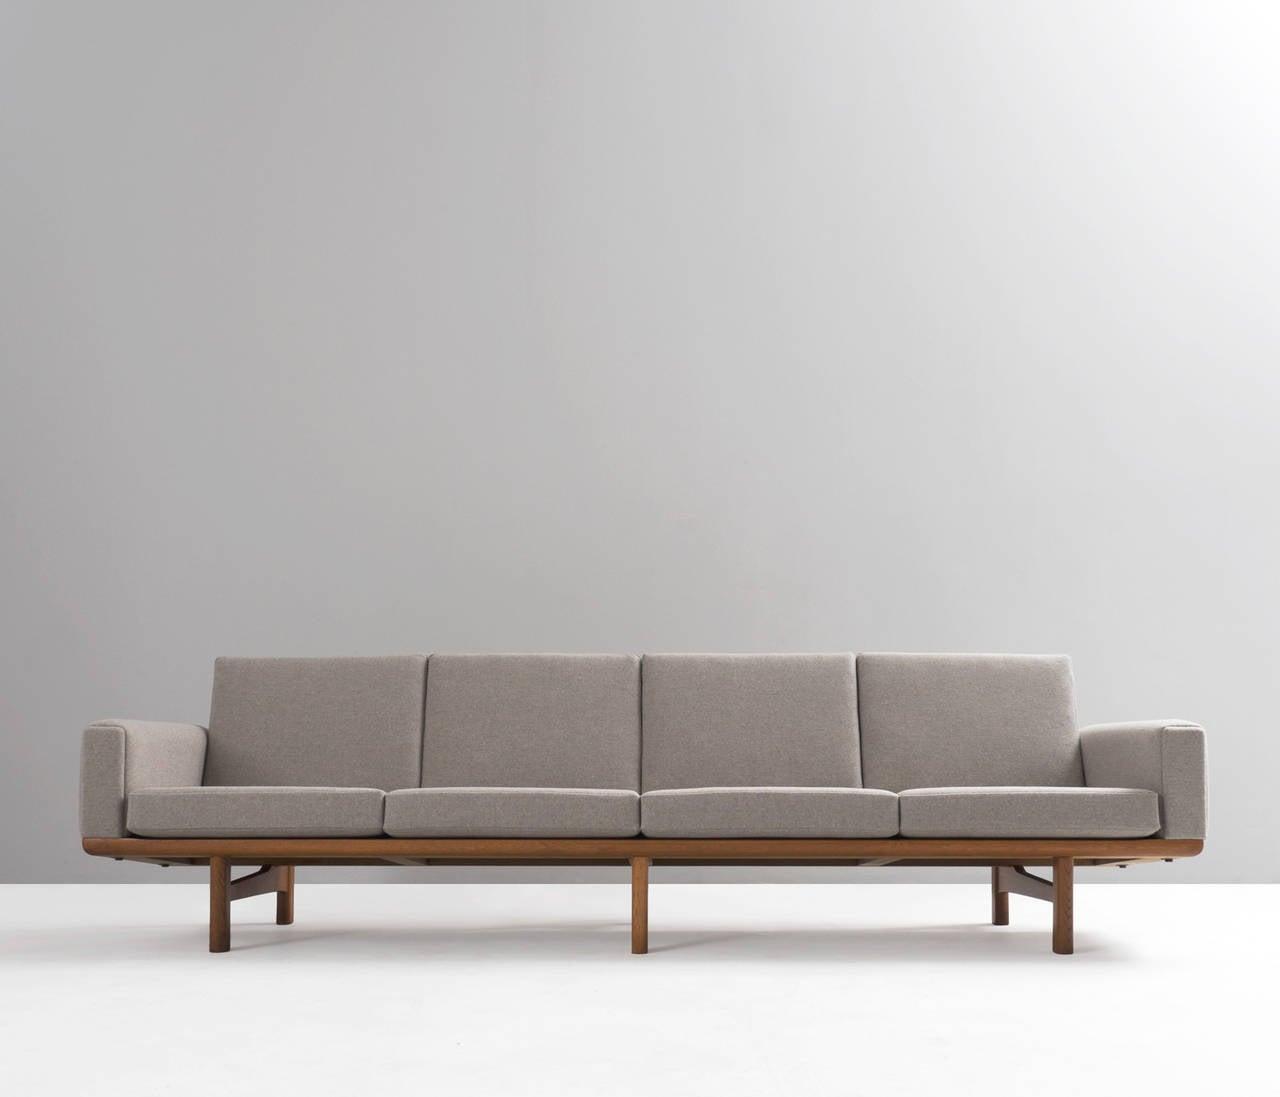 Hans Wegner Four Seat Sofa Ge 236 4 For Getama For Sale At